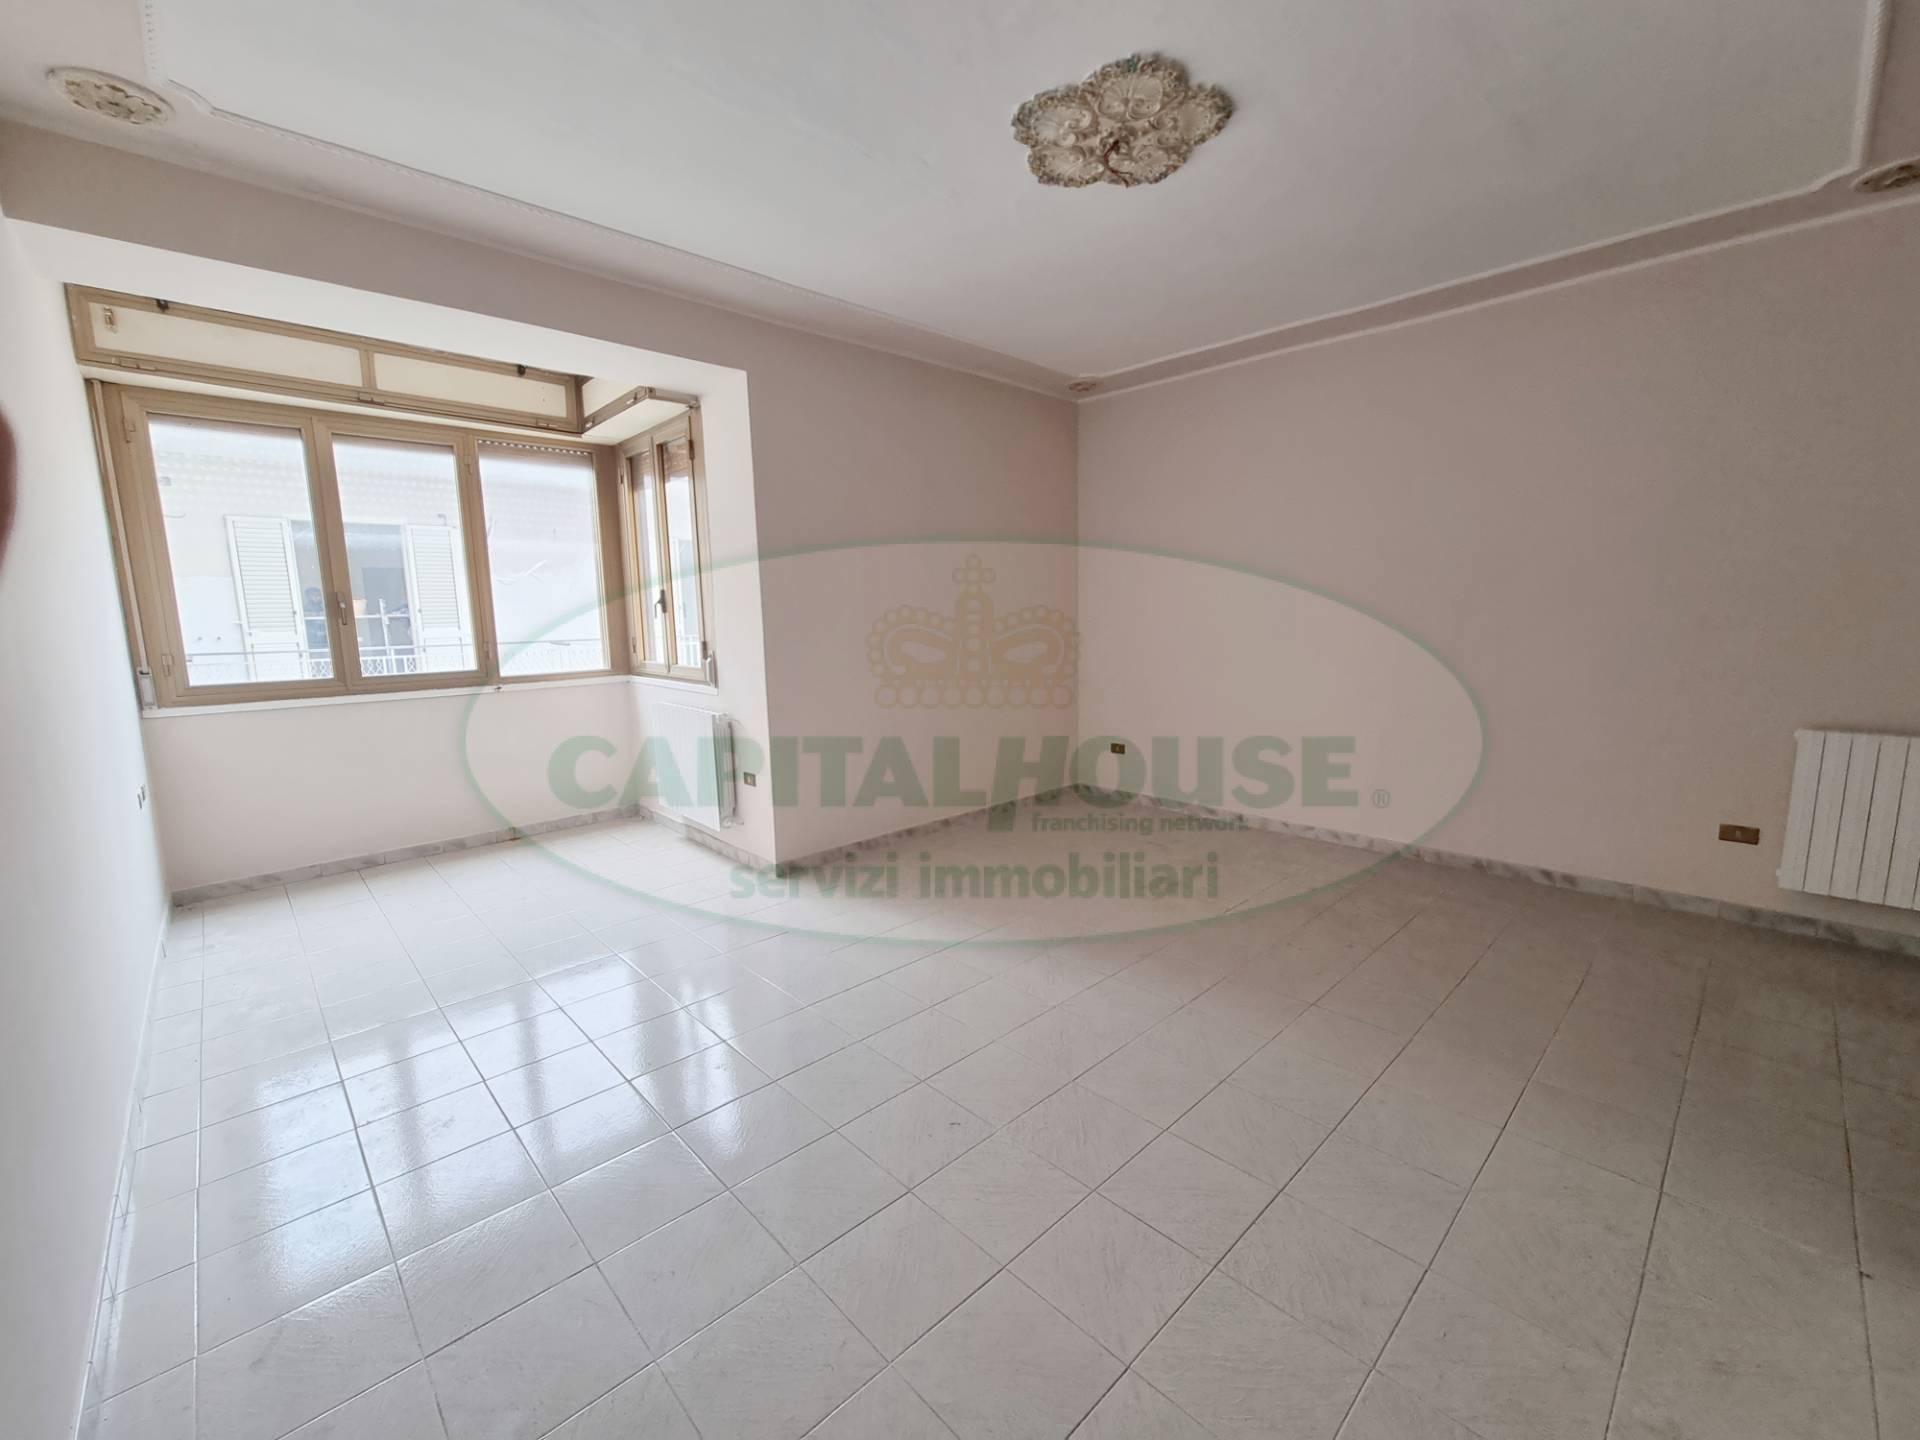 Appartamento in vendita a Macerata Campania (CE)